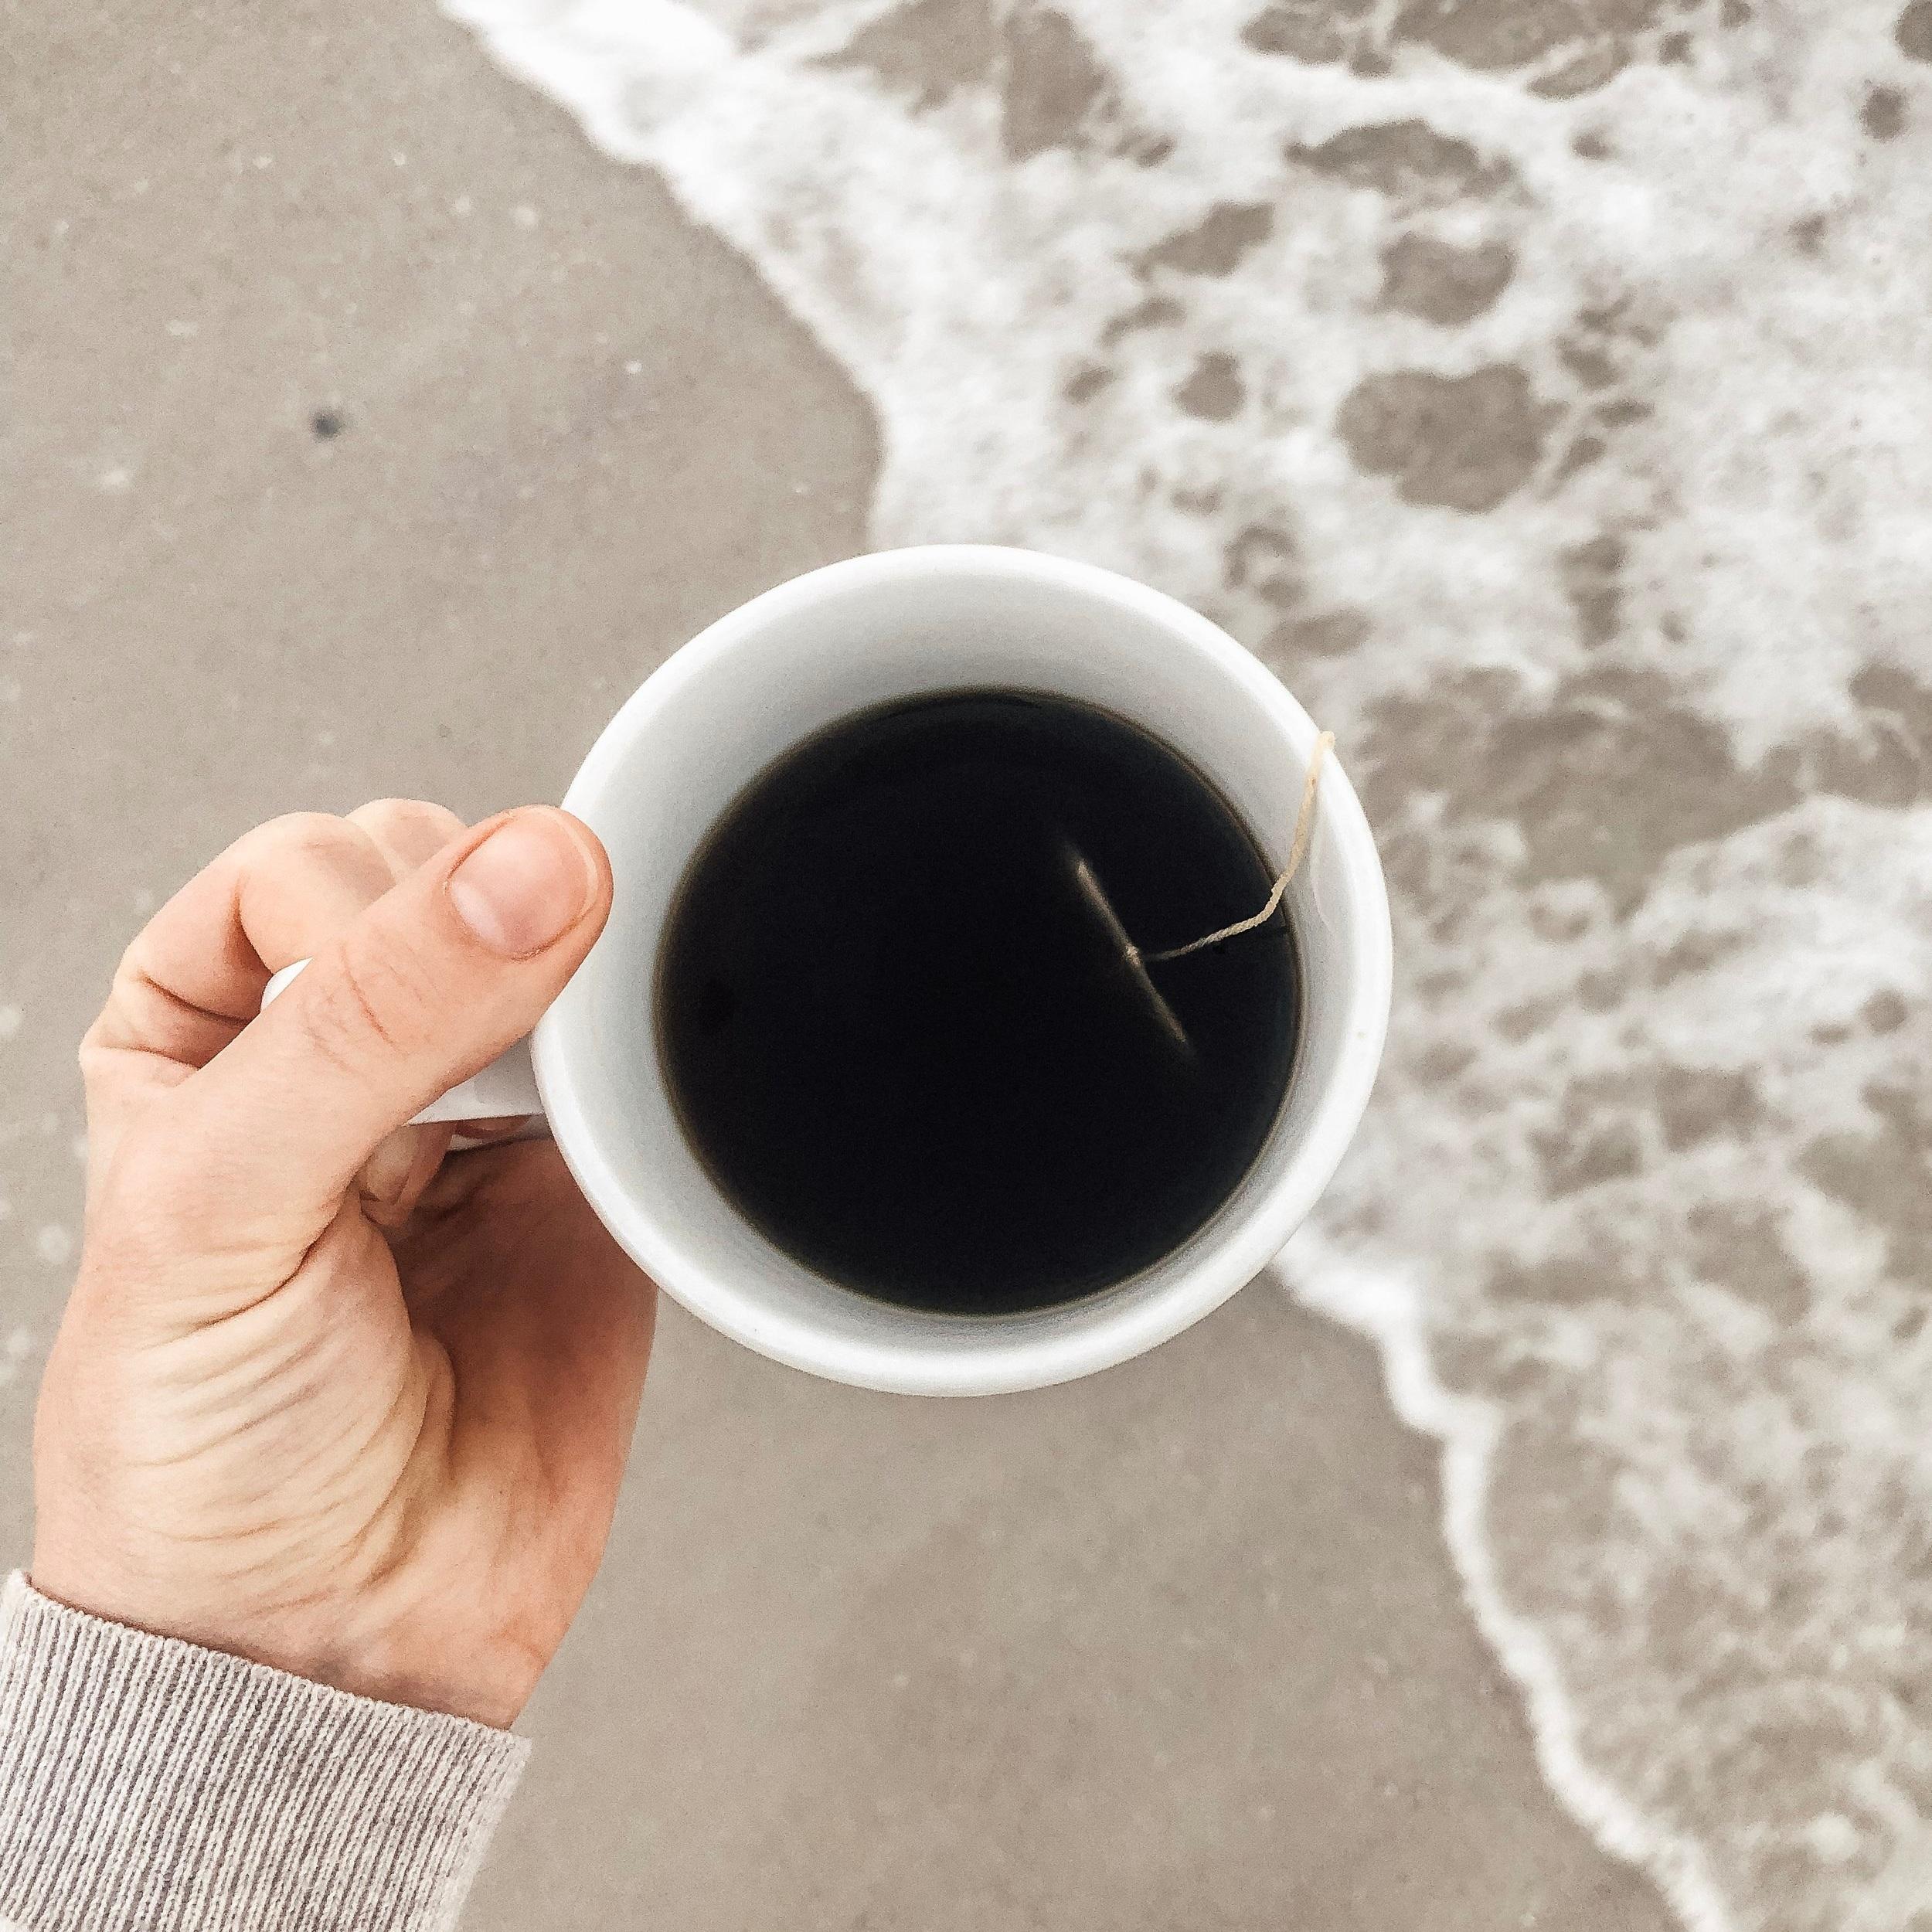 Dandelion+root+tea+benefits